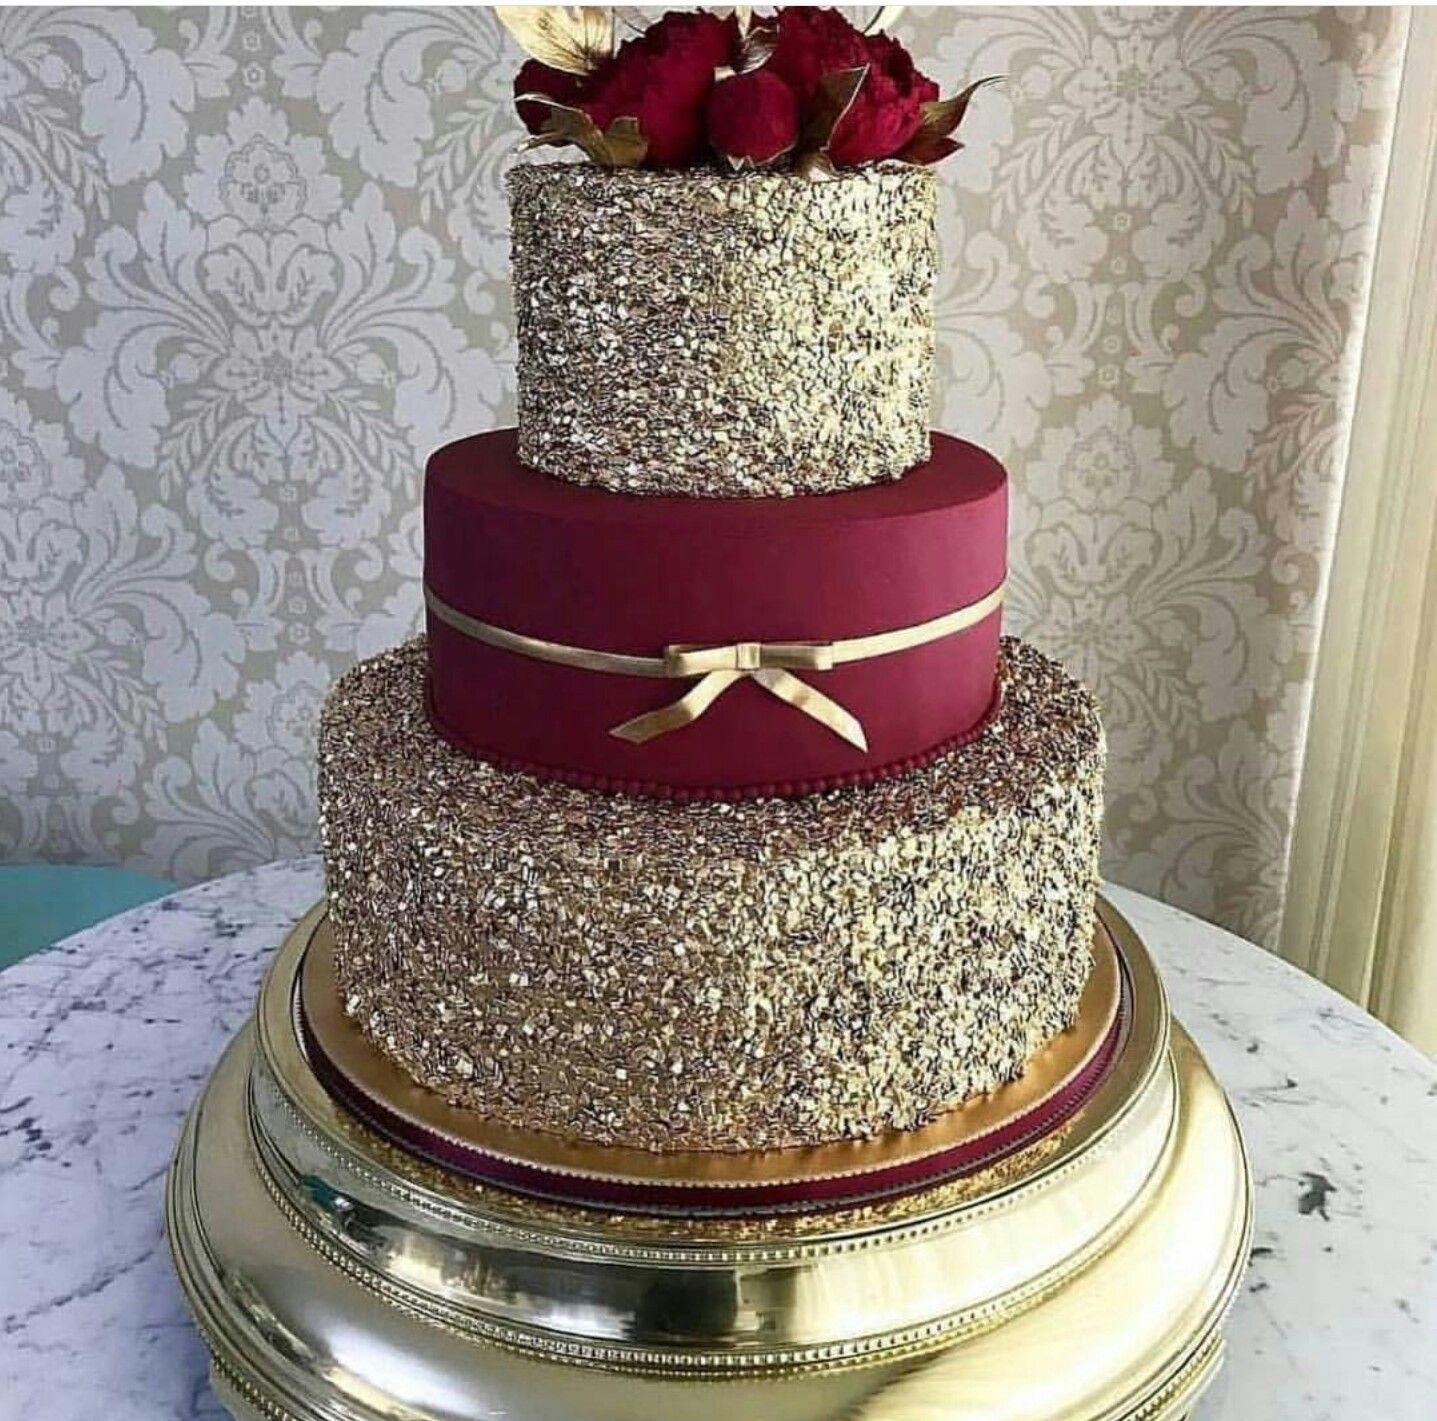 Gold Wedding Cakes: Burgundy And Gold Cake For Wedding #goldweddingcakes